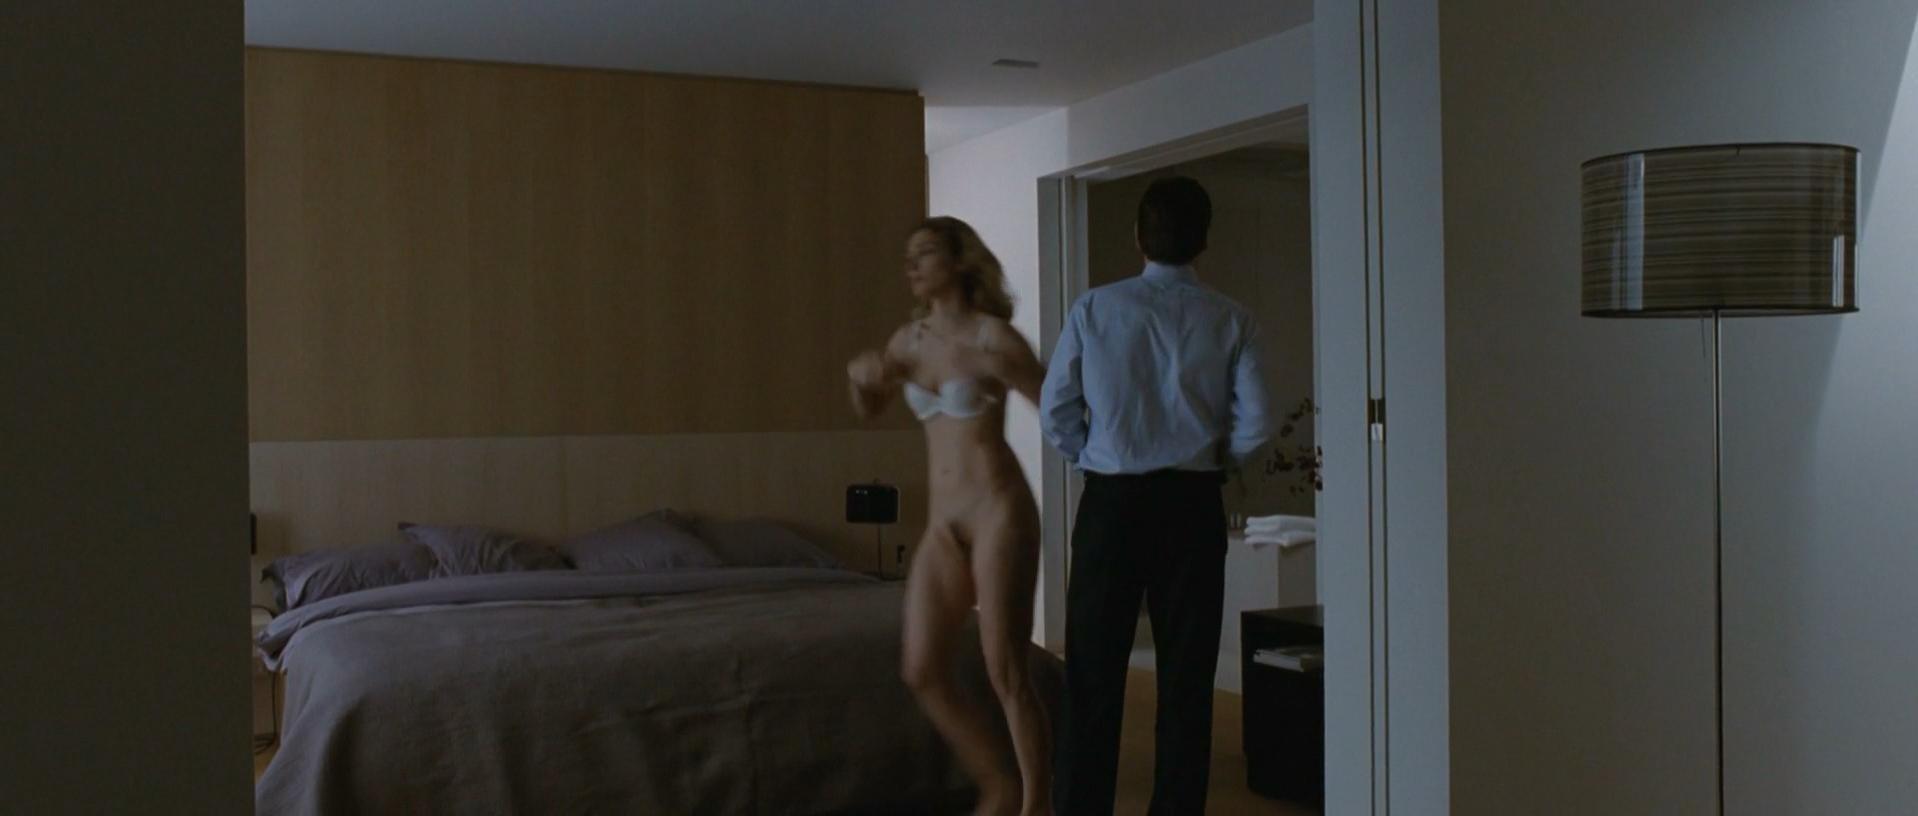 Julie gayet nude sans laisser de traces 2010 - 1 part 5